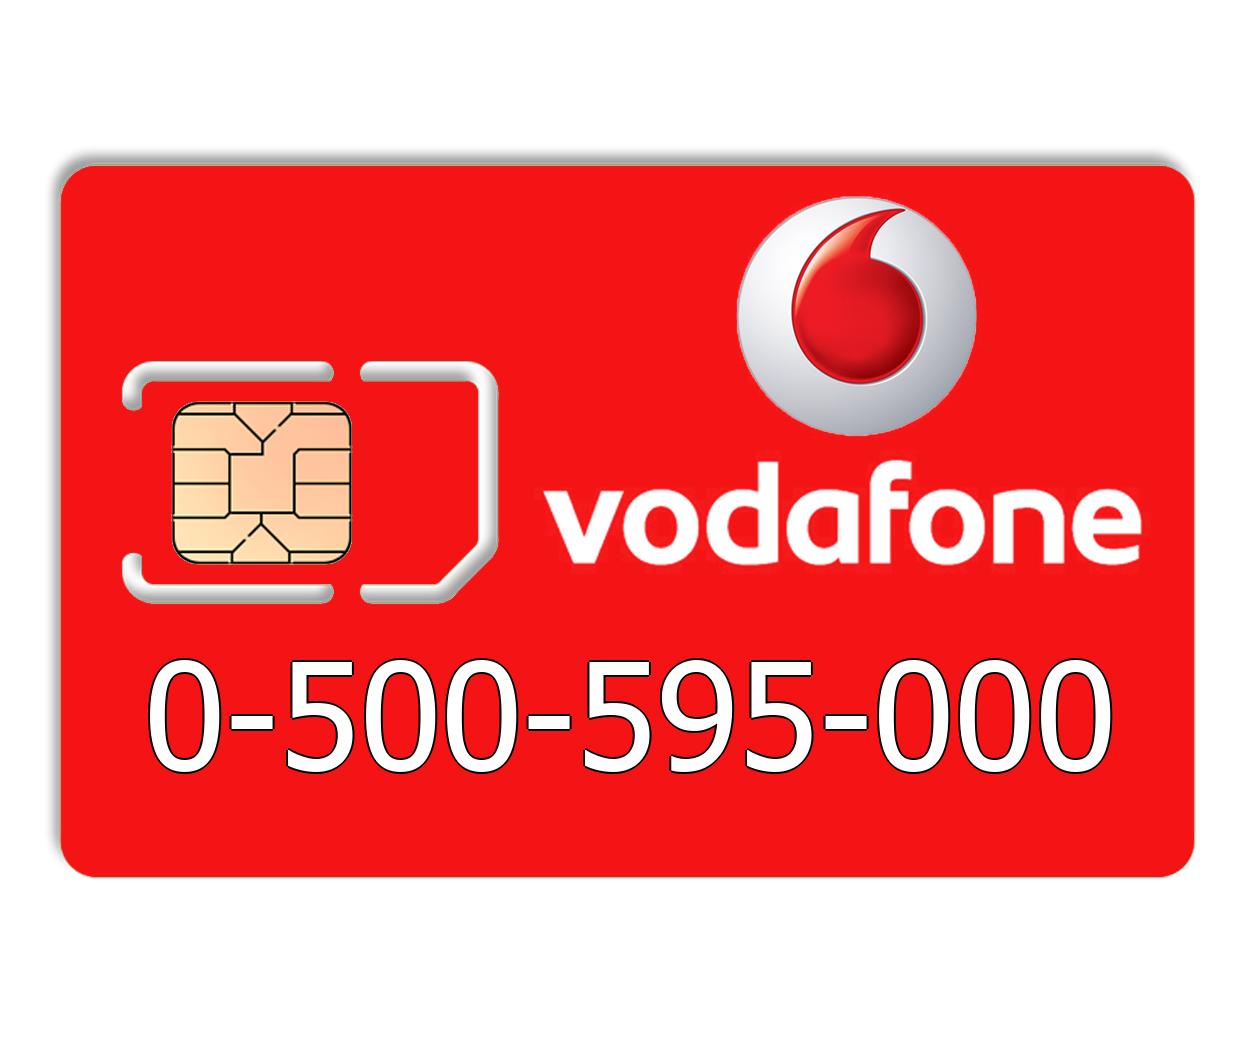 Красивый номер Vodafone 0-500-595-000